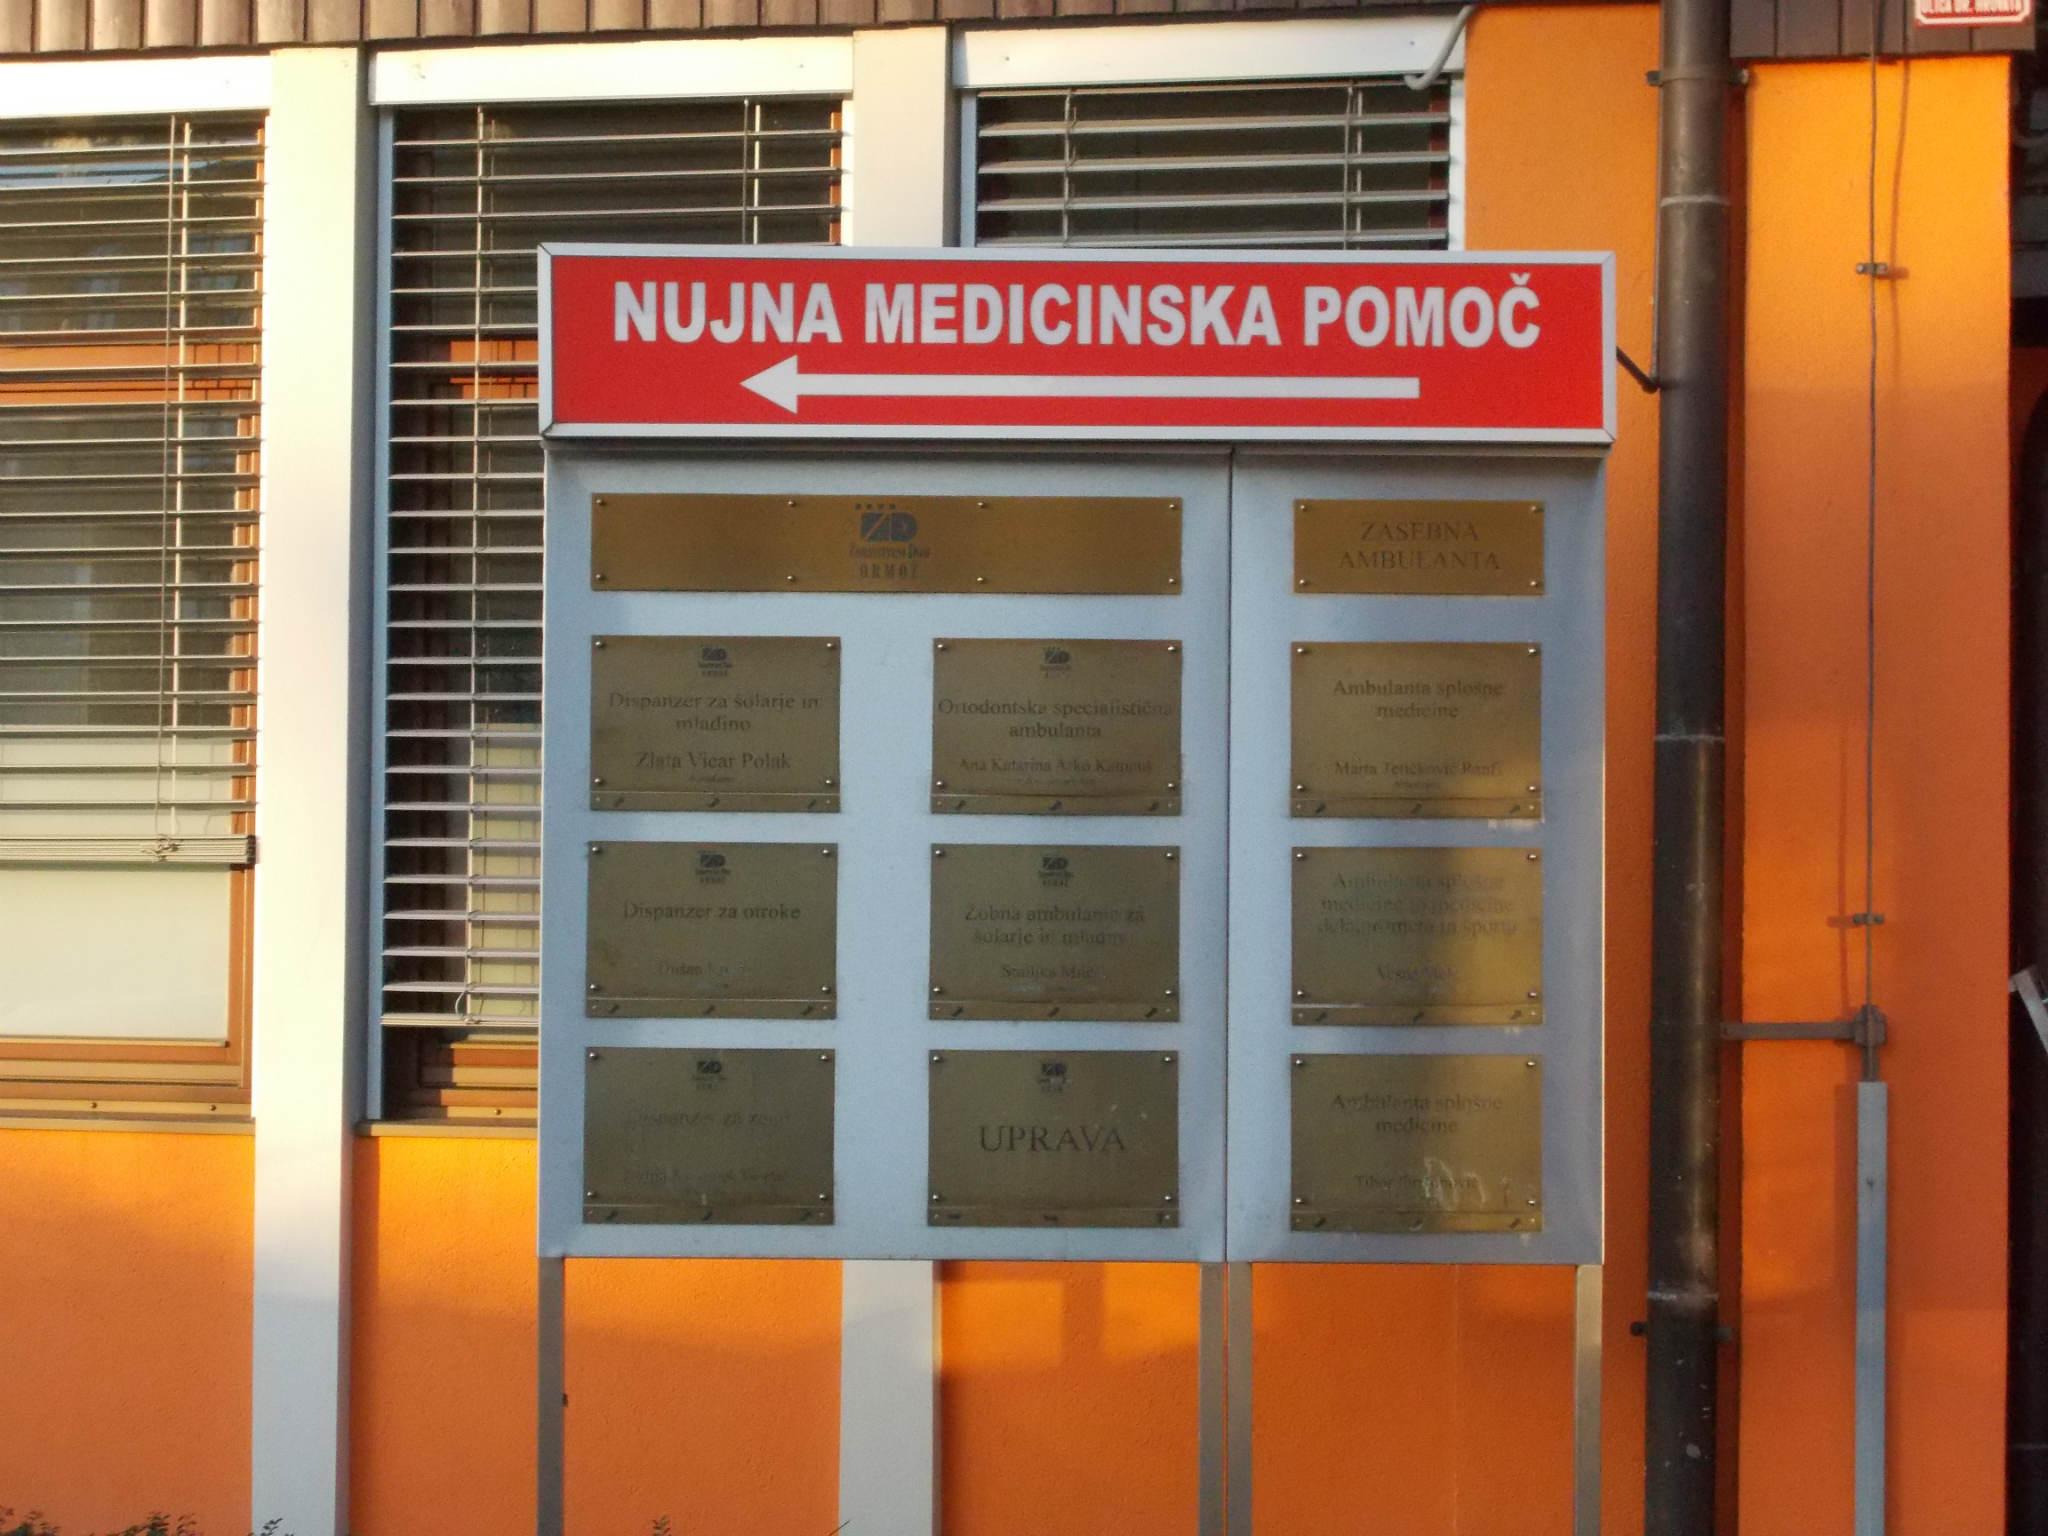 ORMOŽ ostaja brez službe NUJNE MEDICINSKE POMOČI ( dodada izjava župana Alojza Soka)